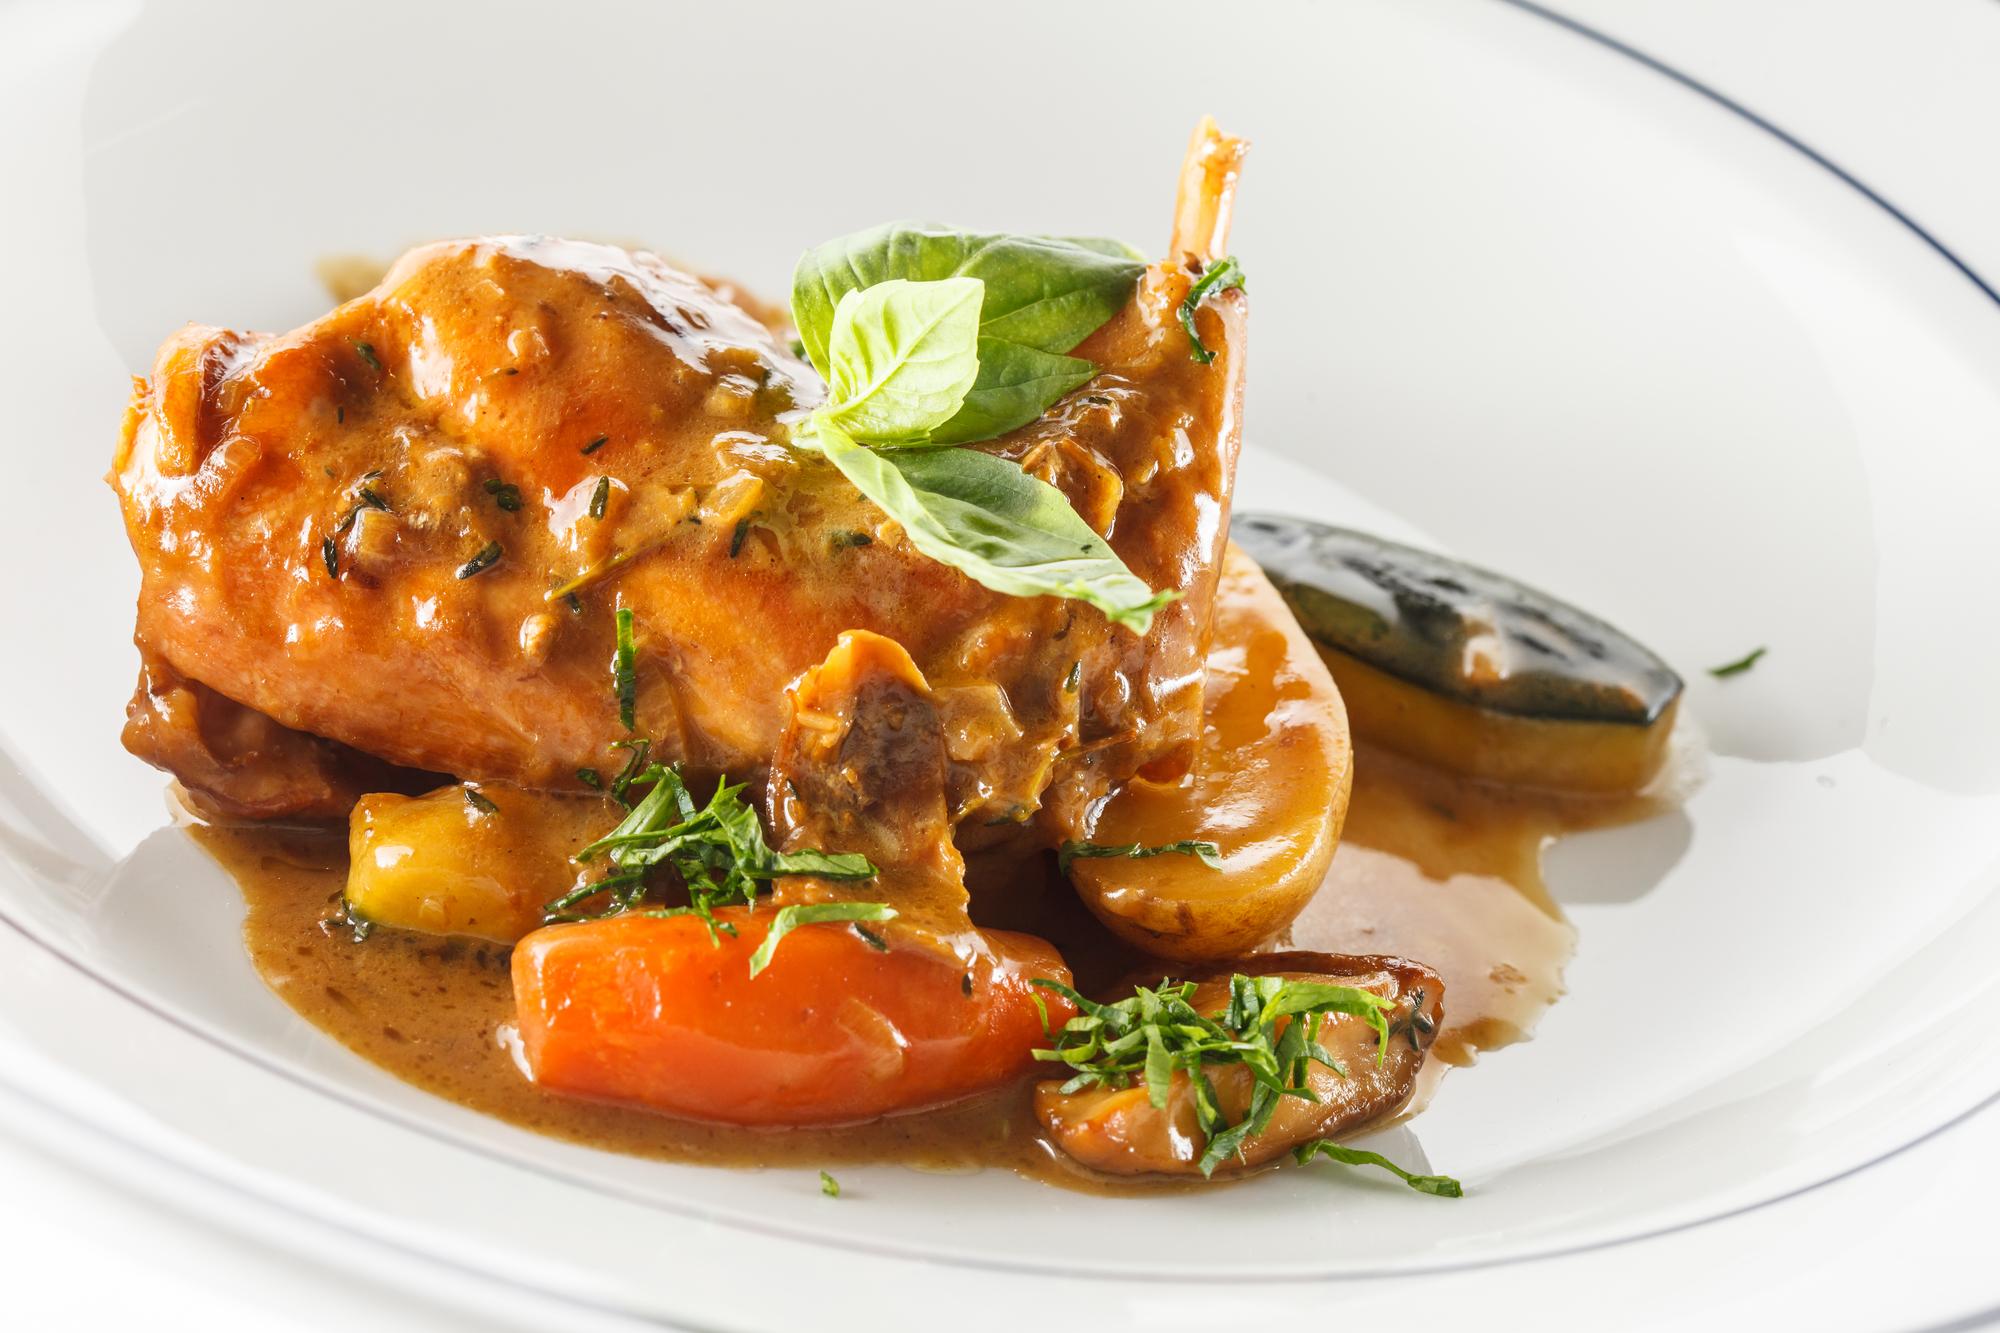 Тушеный кролик с овощами: вкусный рецепт к празднику